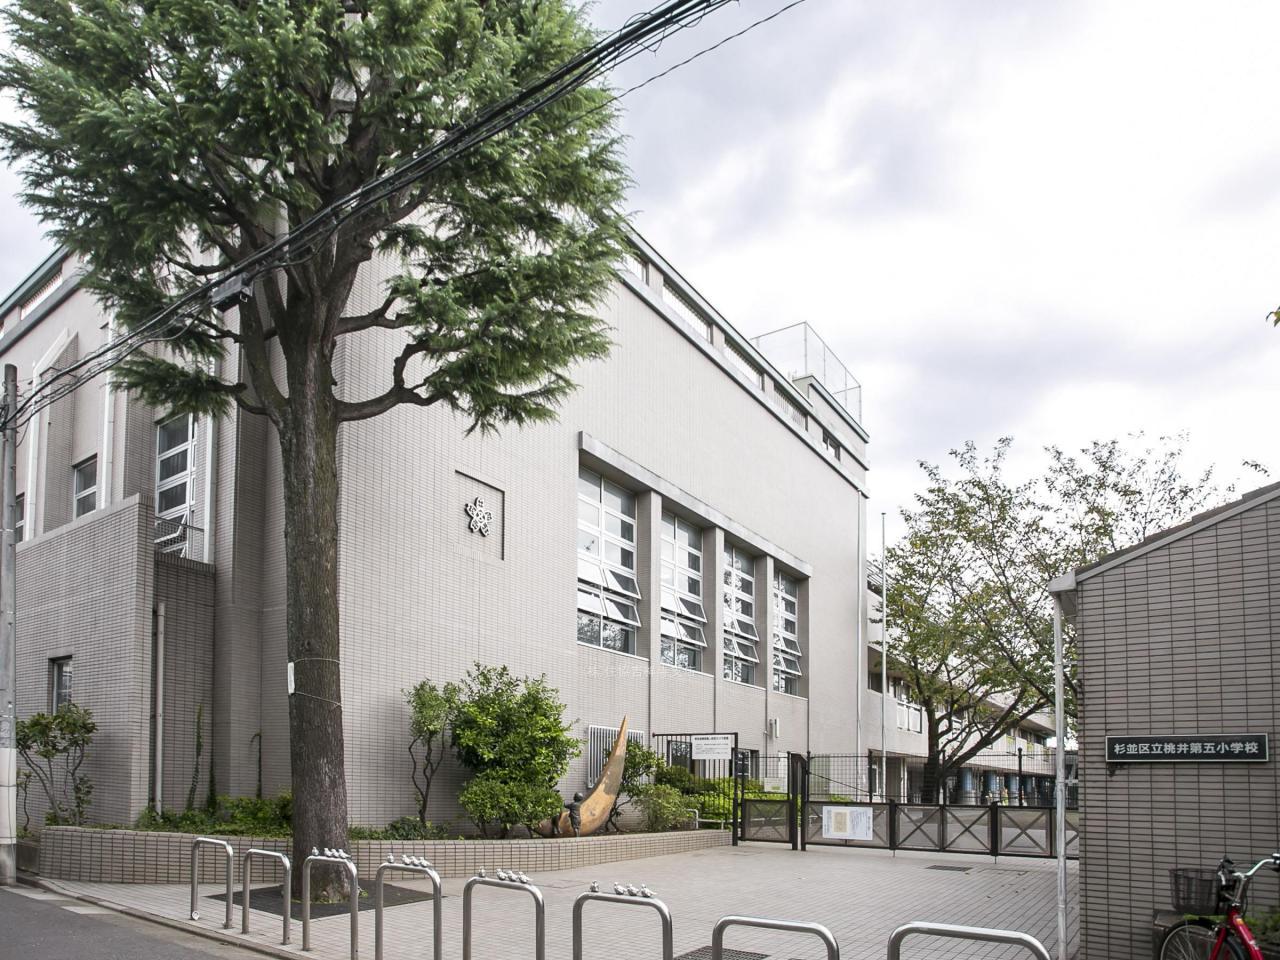 杉並区立桃井第五小学校